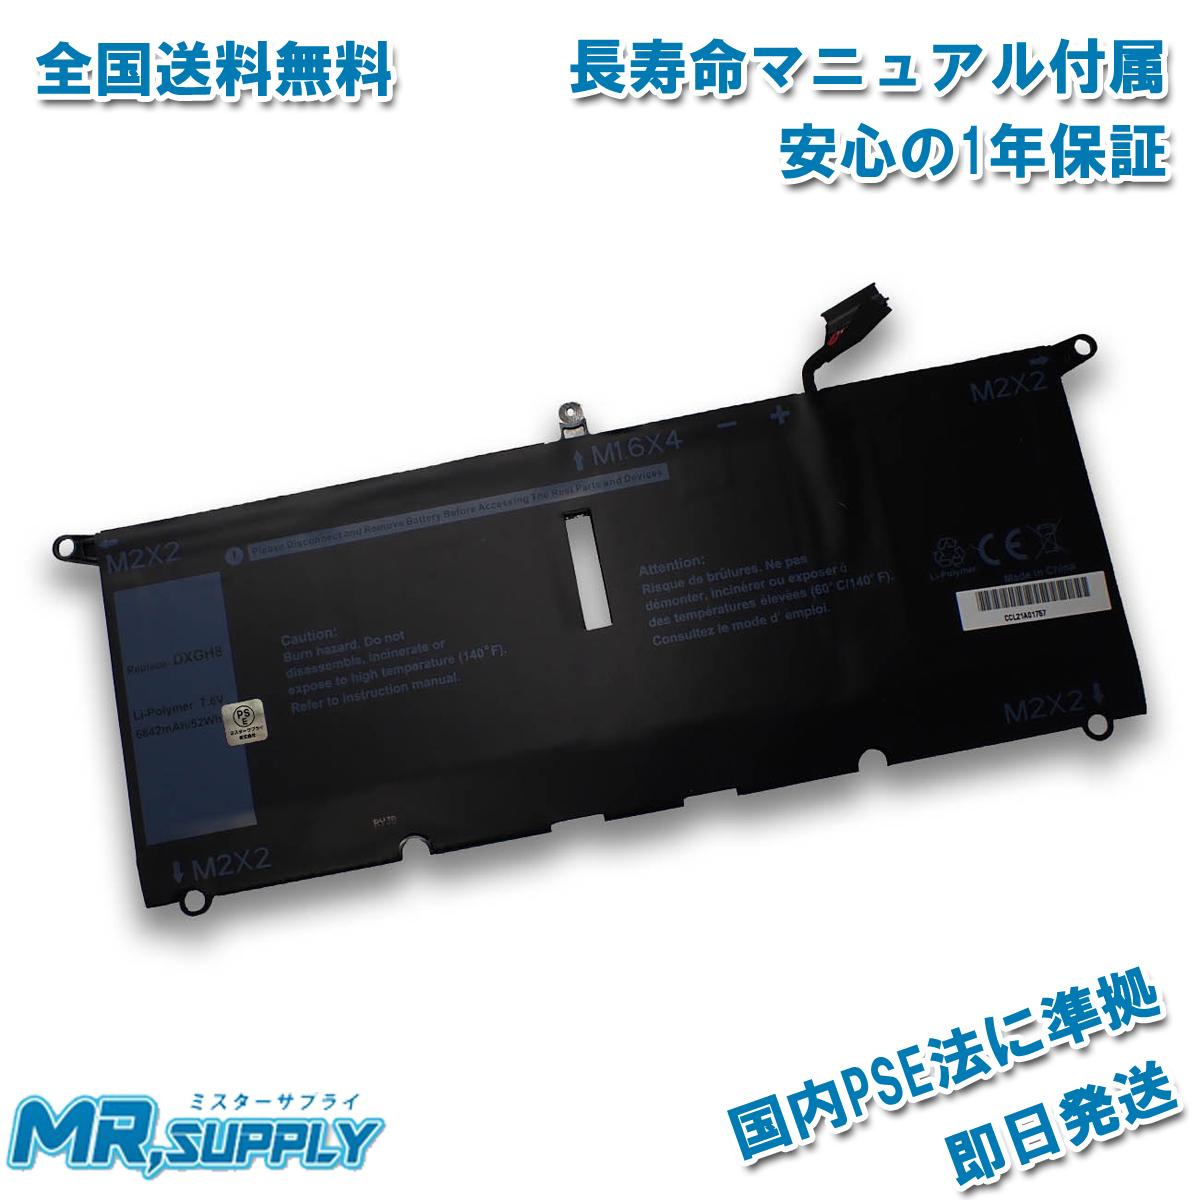 1年間の製品保証 長寿命マニュアル付属 経済産業省PSE法に準拠 全国送料無料 Dell デル XPS 13 9370 Latitude 本店 爆売り 9380 0H754V DXGH8 3301 H754V 対応 交換用バッテリー